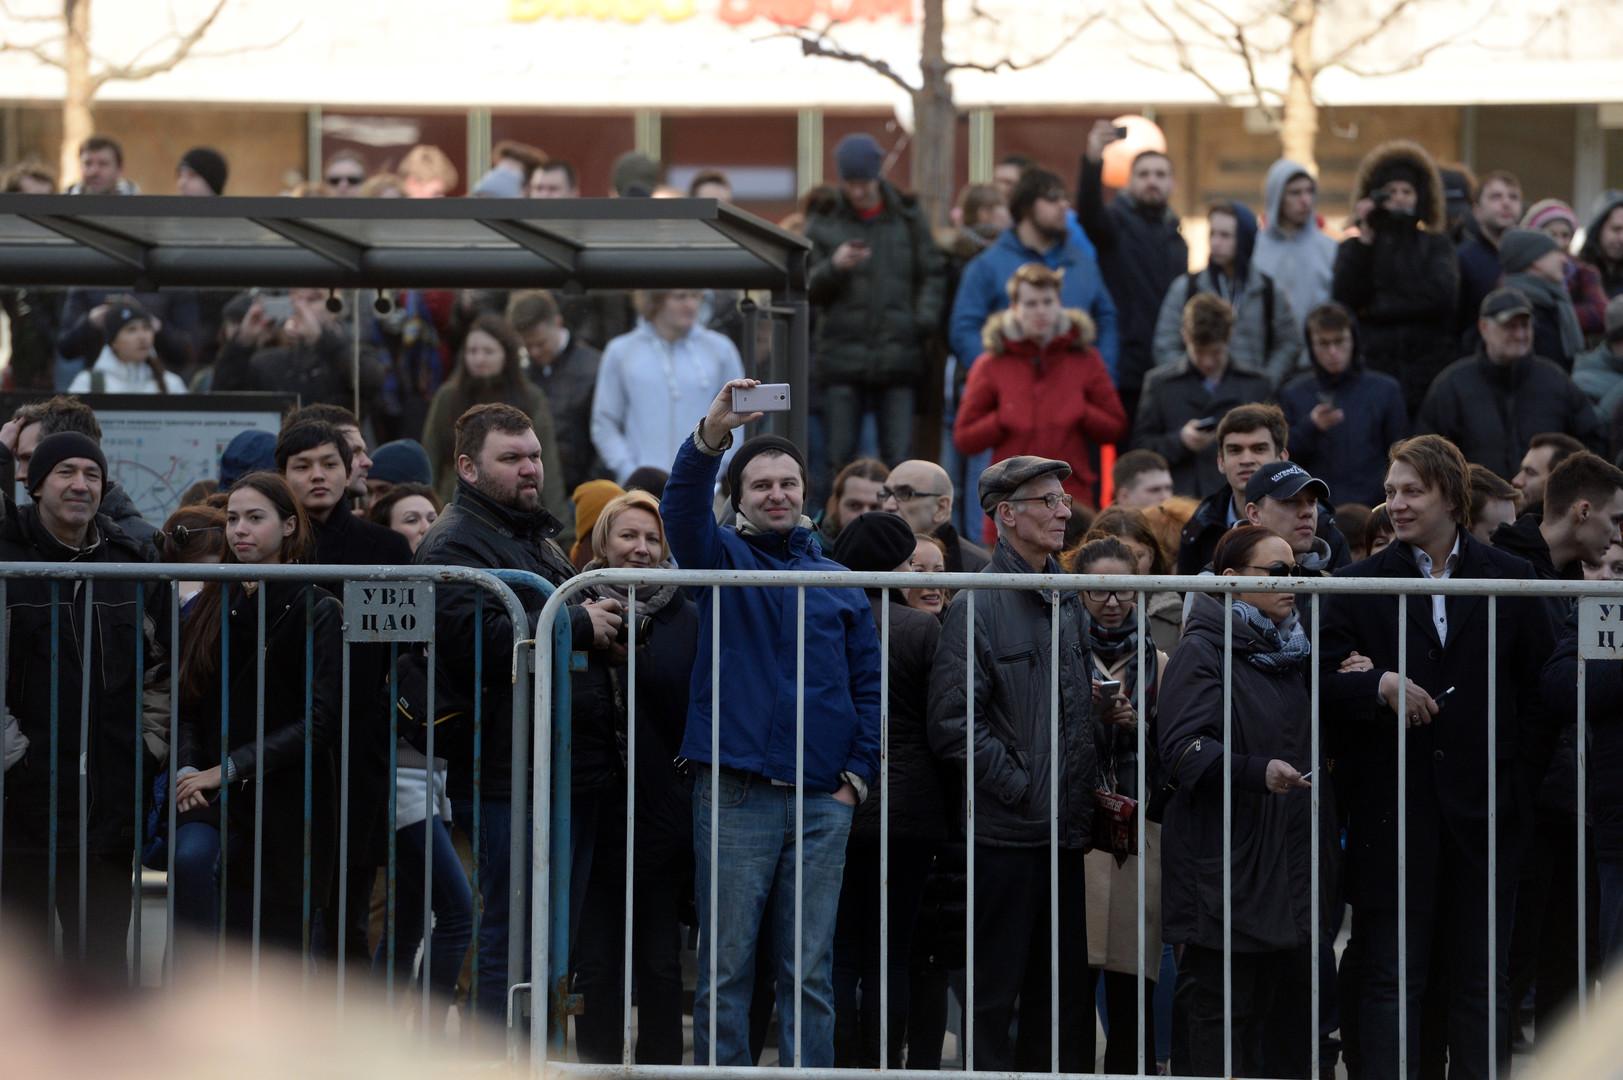 Passanten beobachten nicht genehmigte Demonstration am Trimfalnaya Platz in Moskau am 26. März 2017.